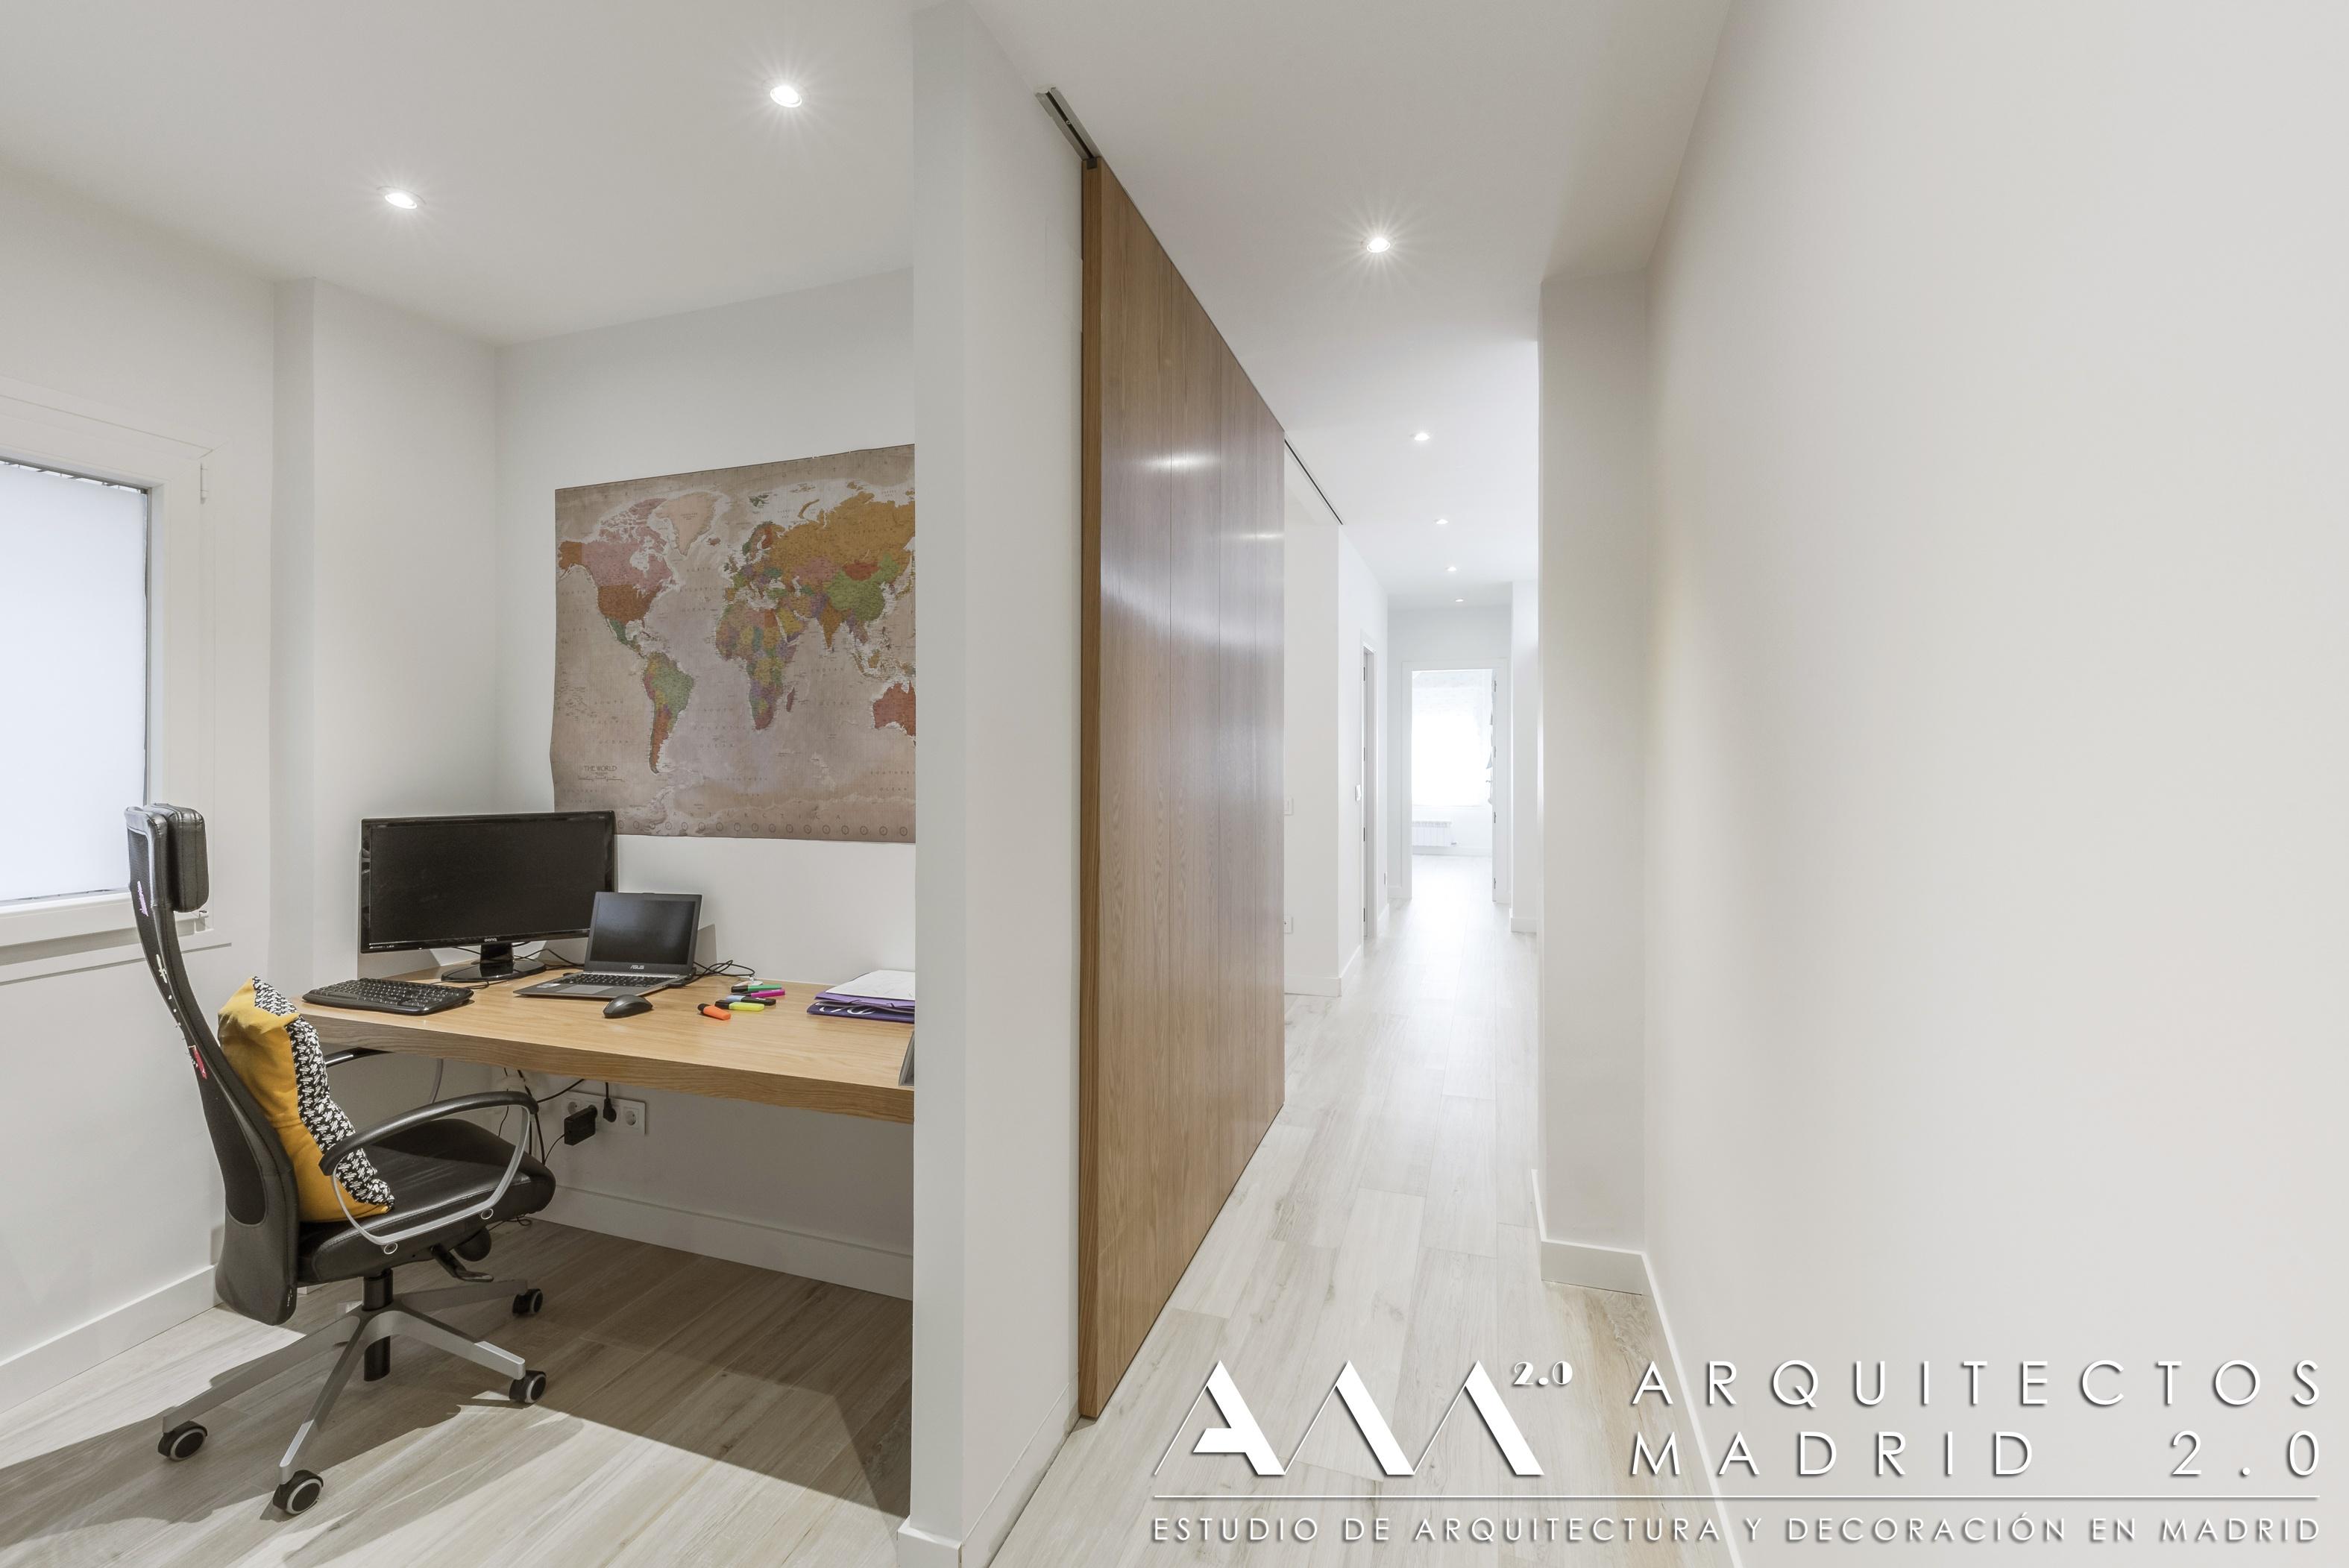 reforma-completa-de-vivienda-zona-atocha-madrid-05